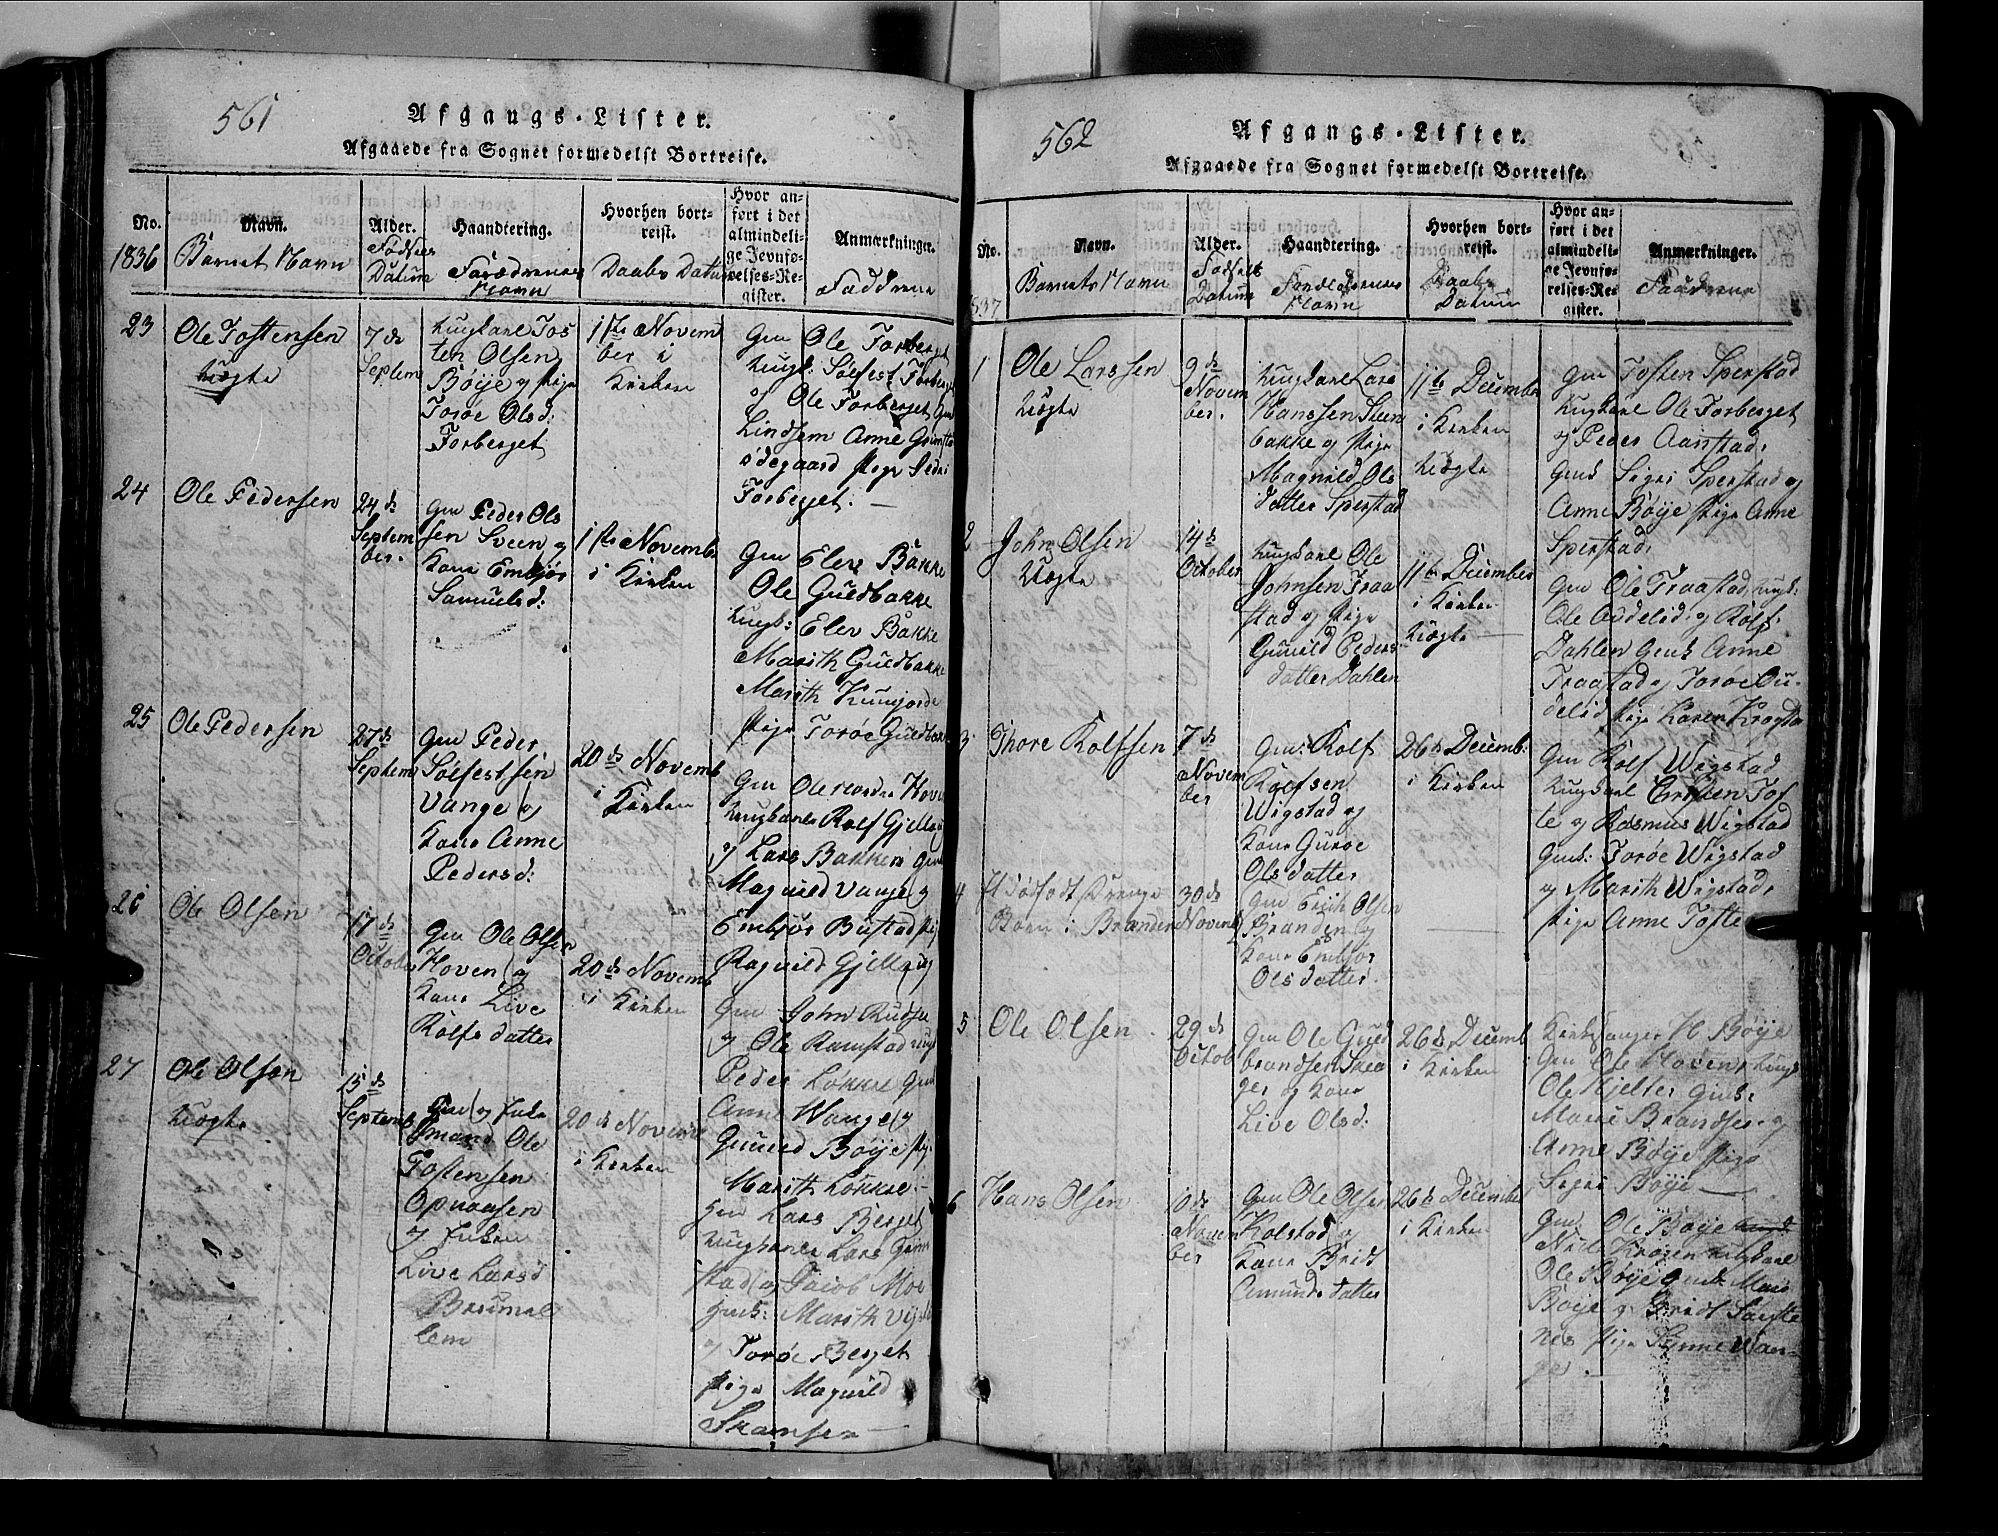 SAH, Lom prestekontor, L/L0003: Klokkerbok nr. 3, 1815-1844, s. 561-562